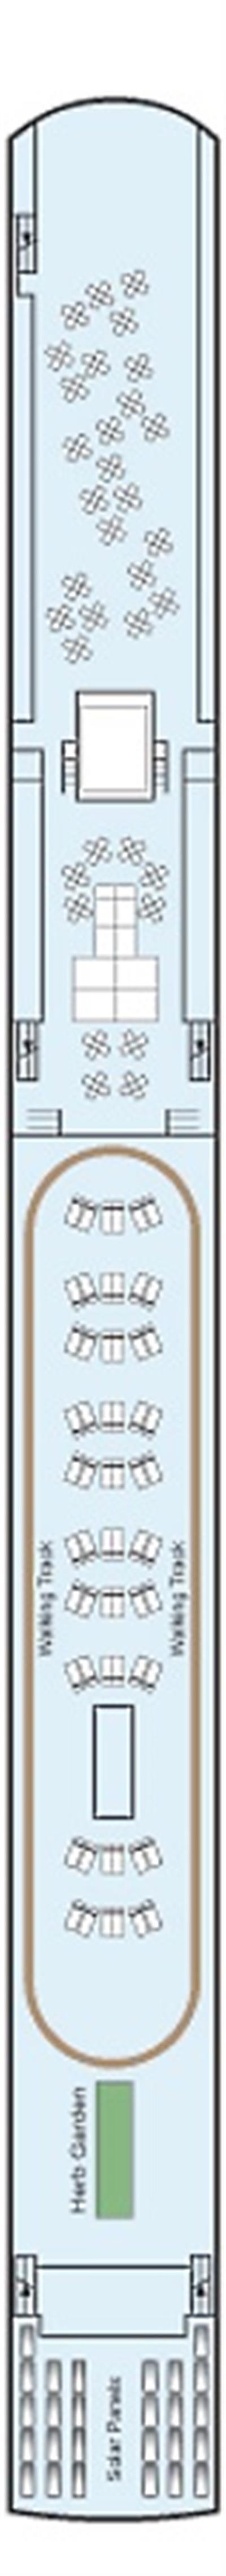 Sun Deck